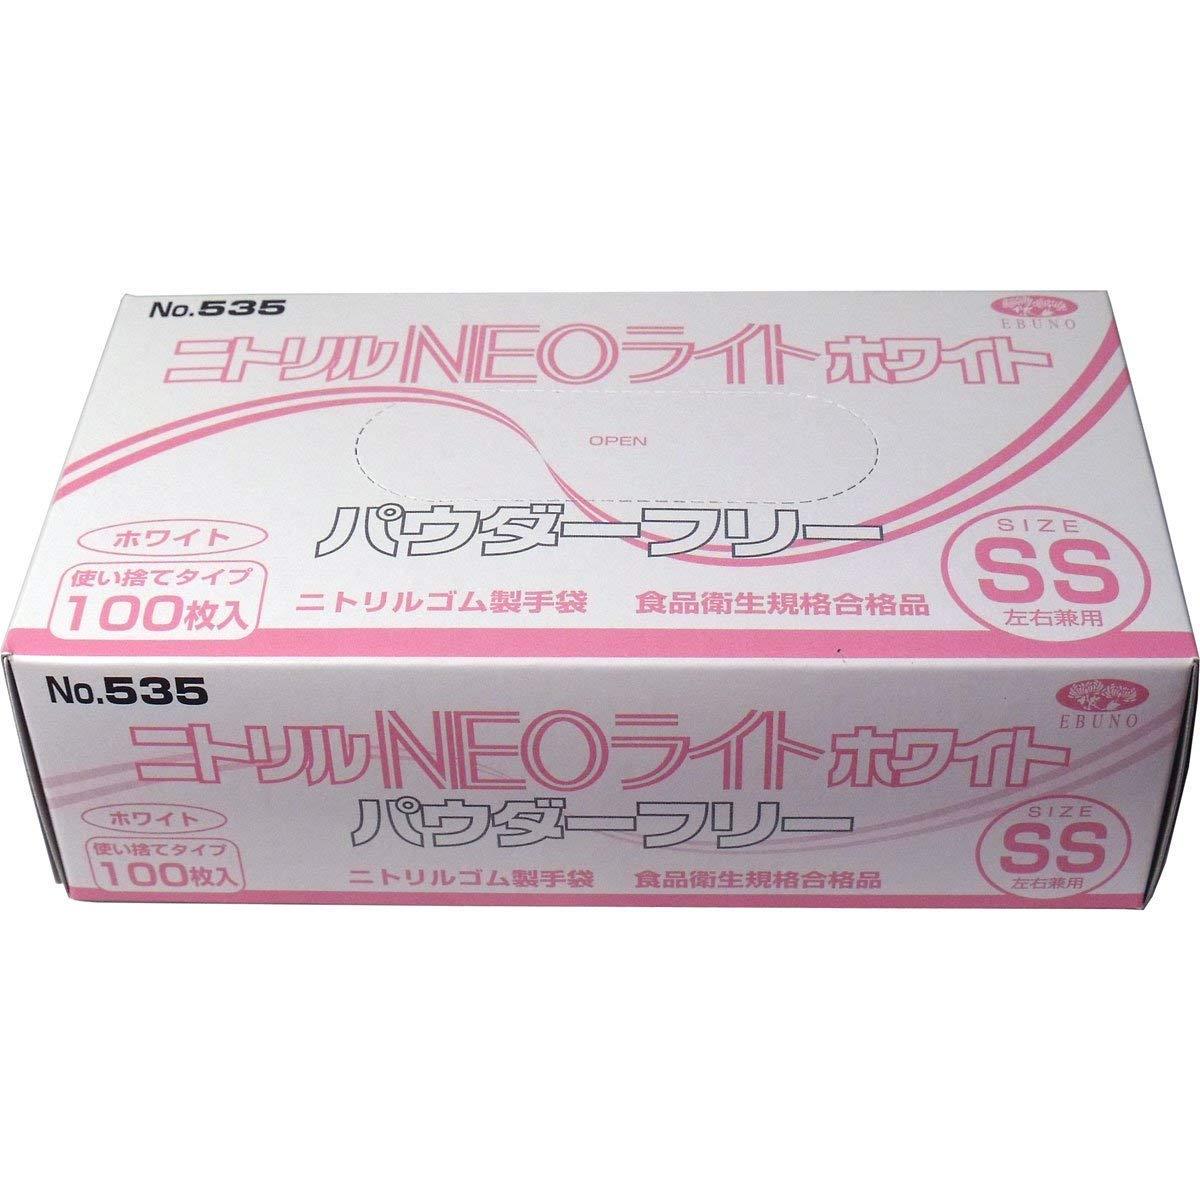 ケース販売 エブノ No.535 ニトリル手袋 ネオライト パウダーフリー ホワイト SSサイズ 100枚入 ×30個 B07K26JM44  30個